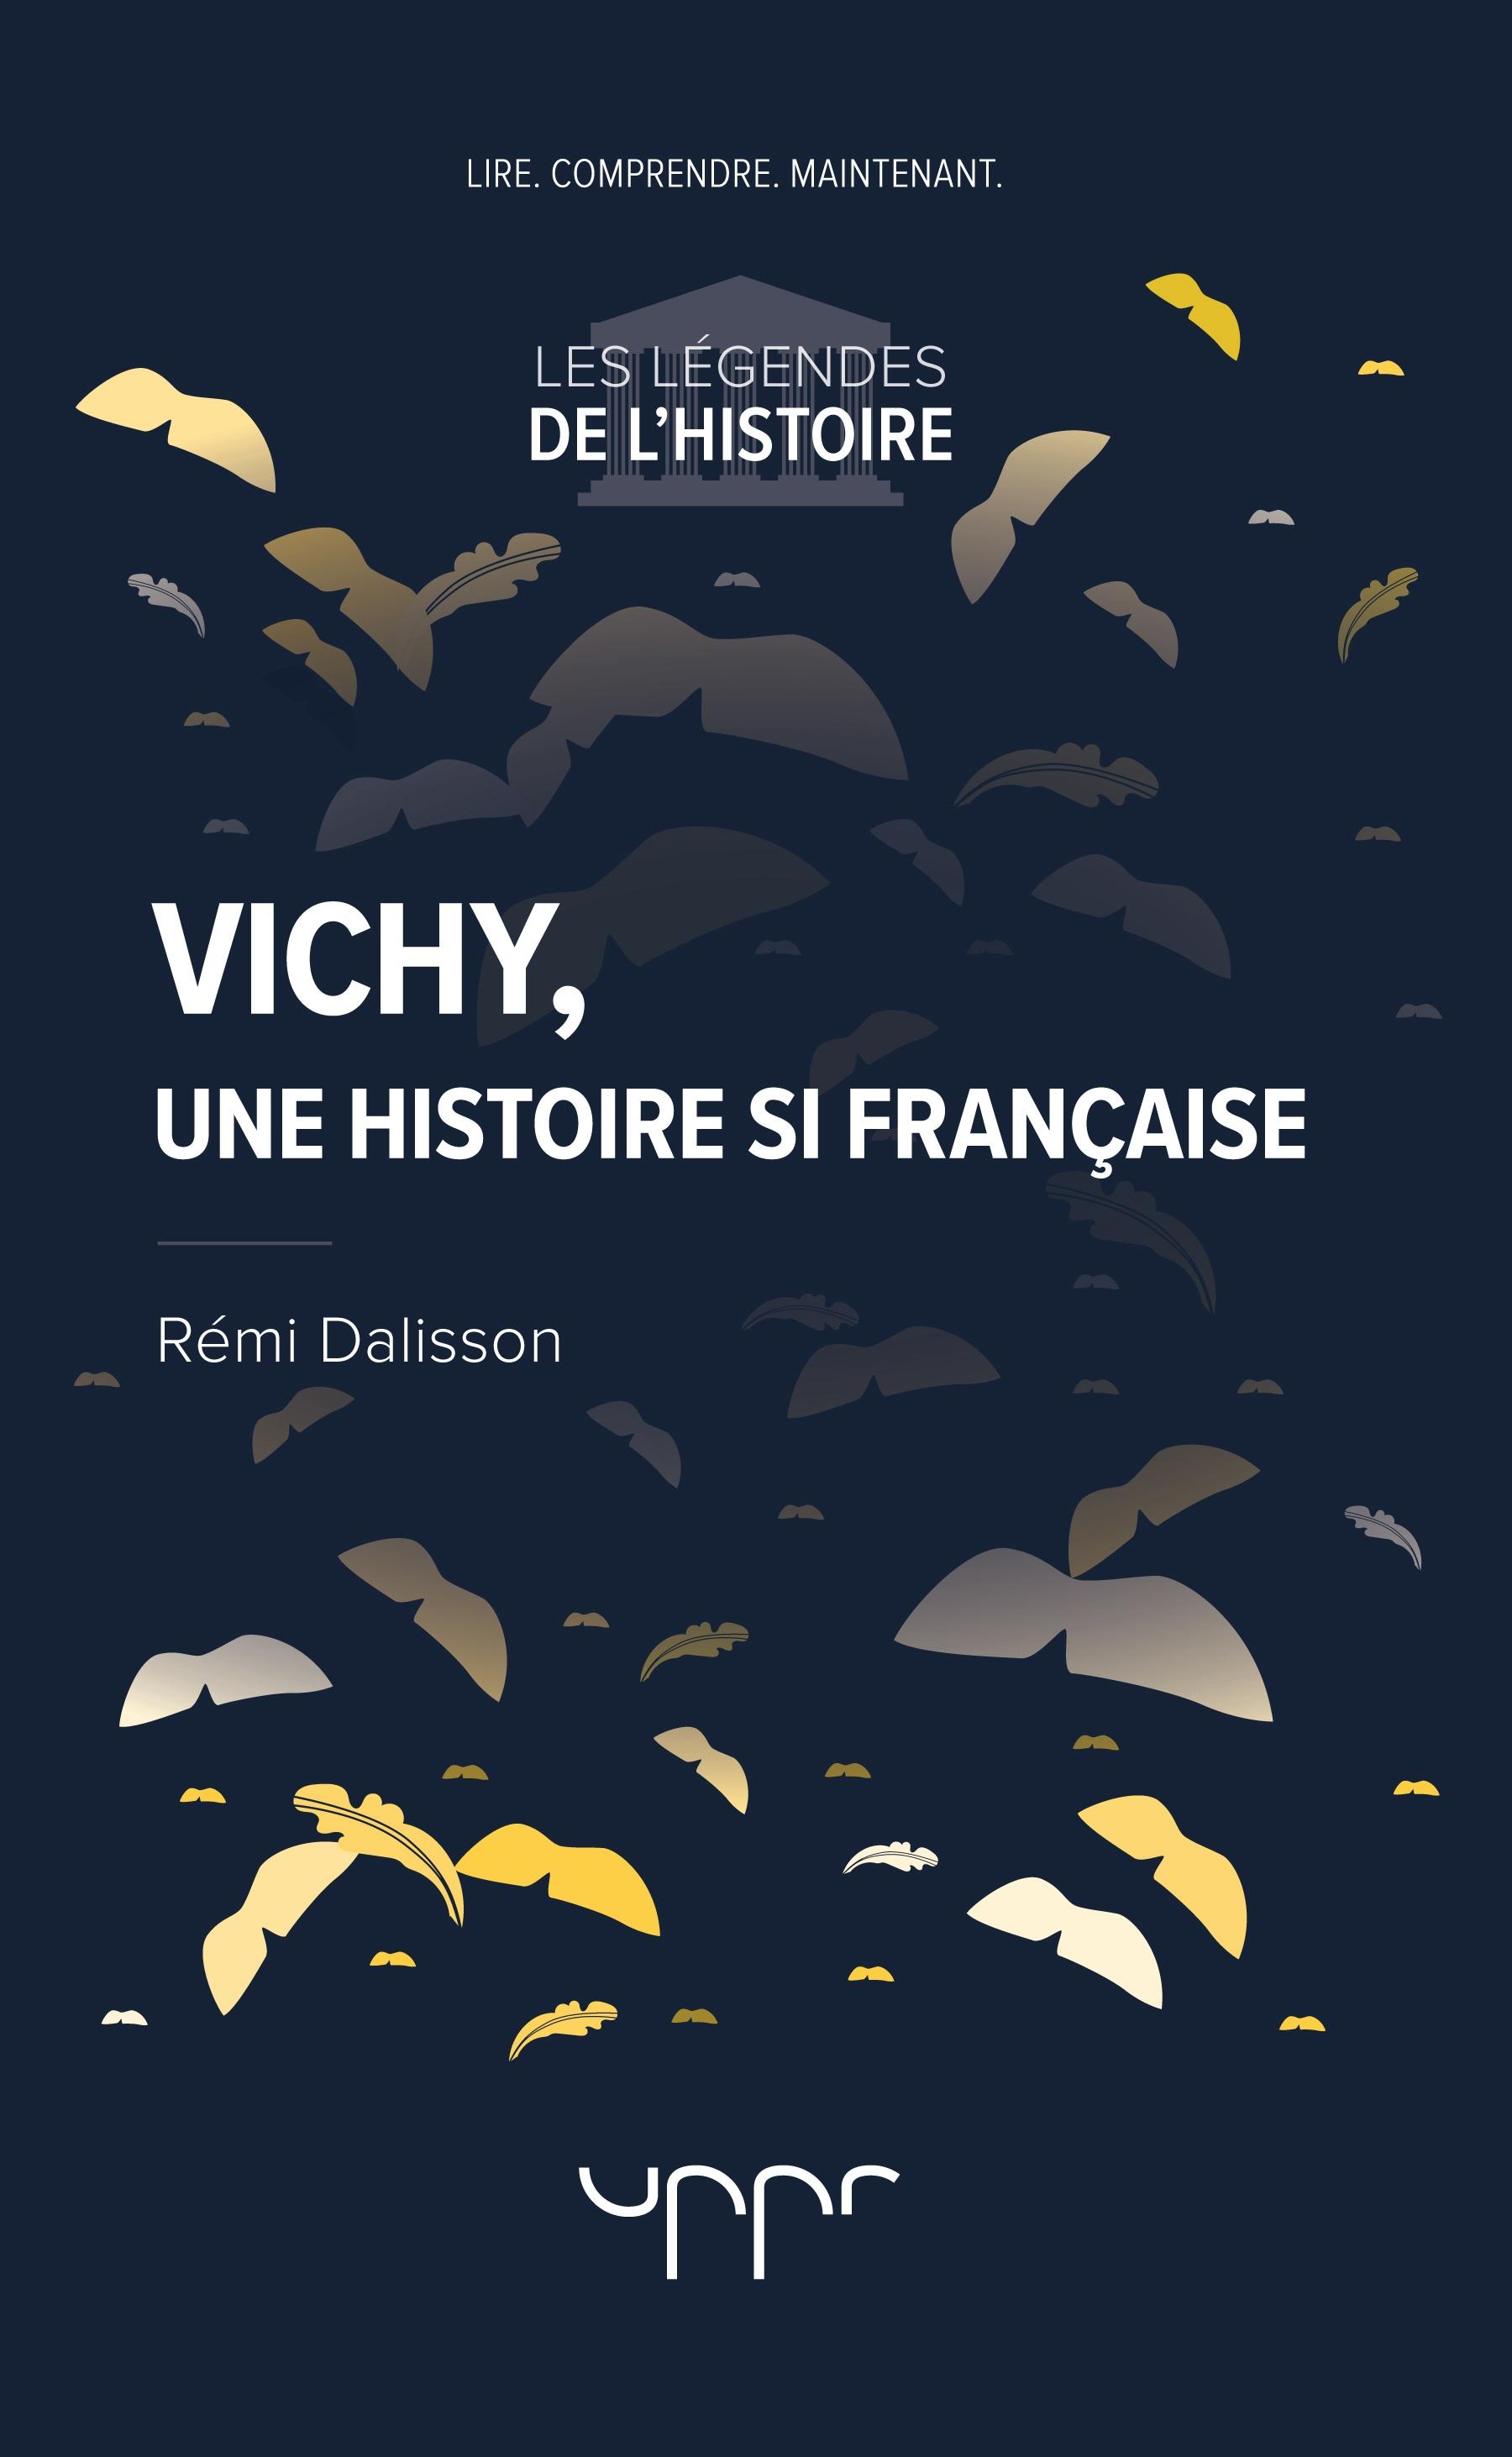 Vichy, une histoire si française